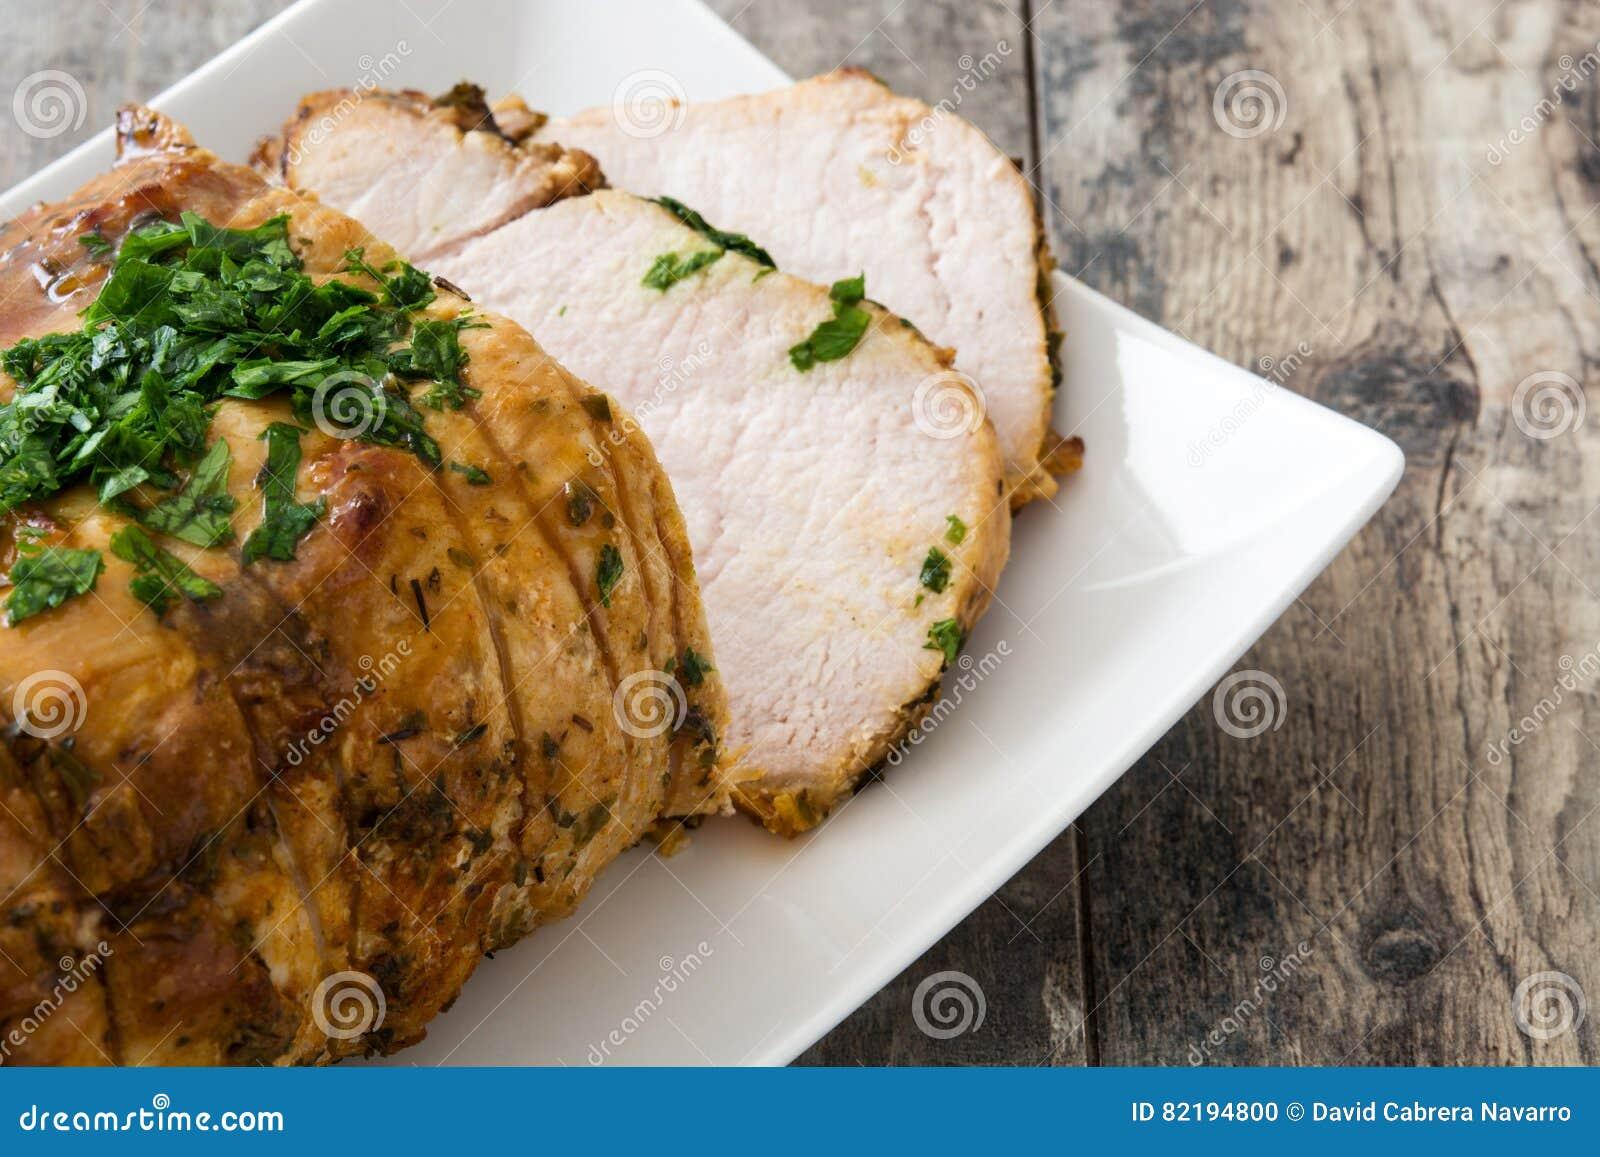 Cerdo asado en placa